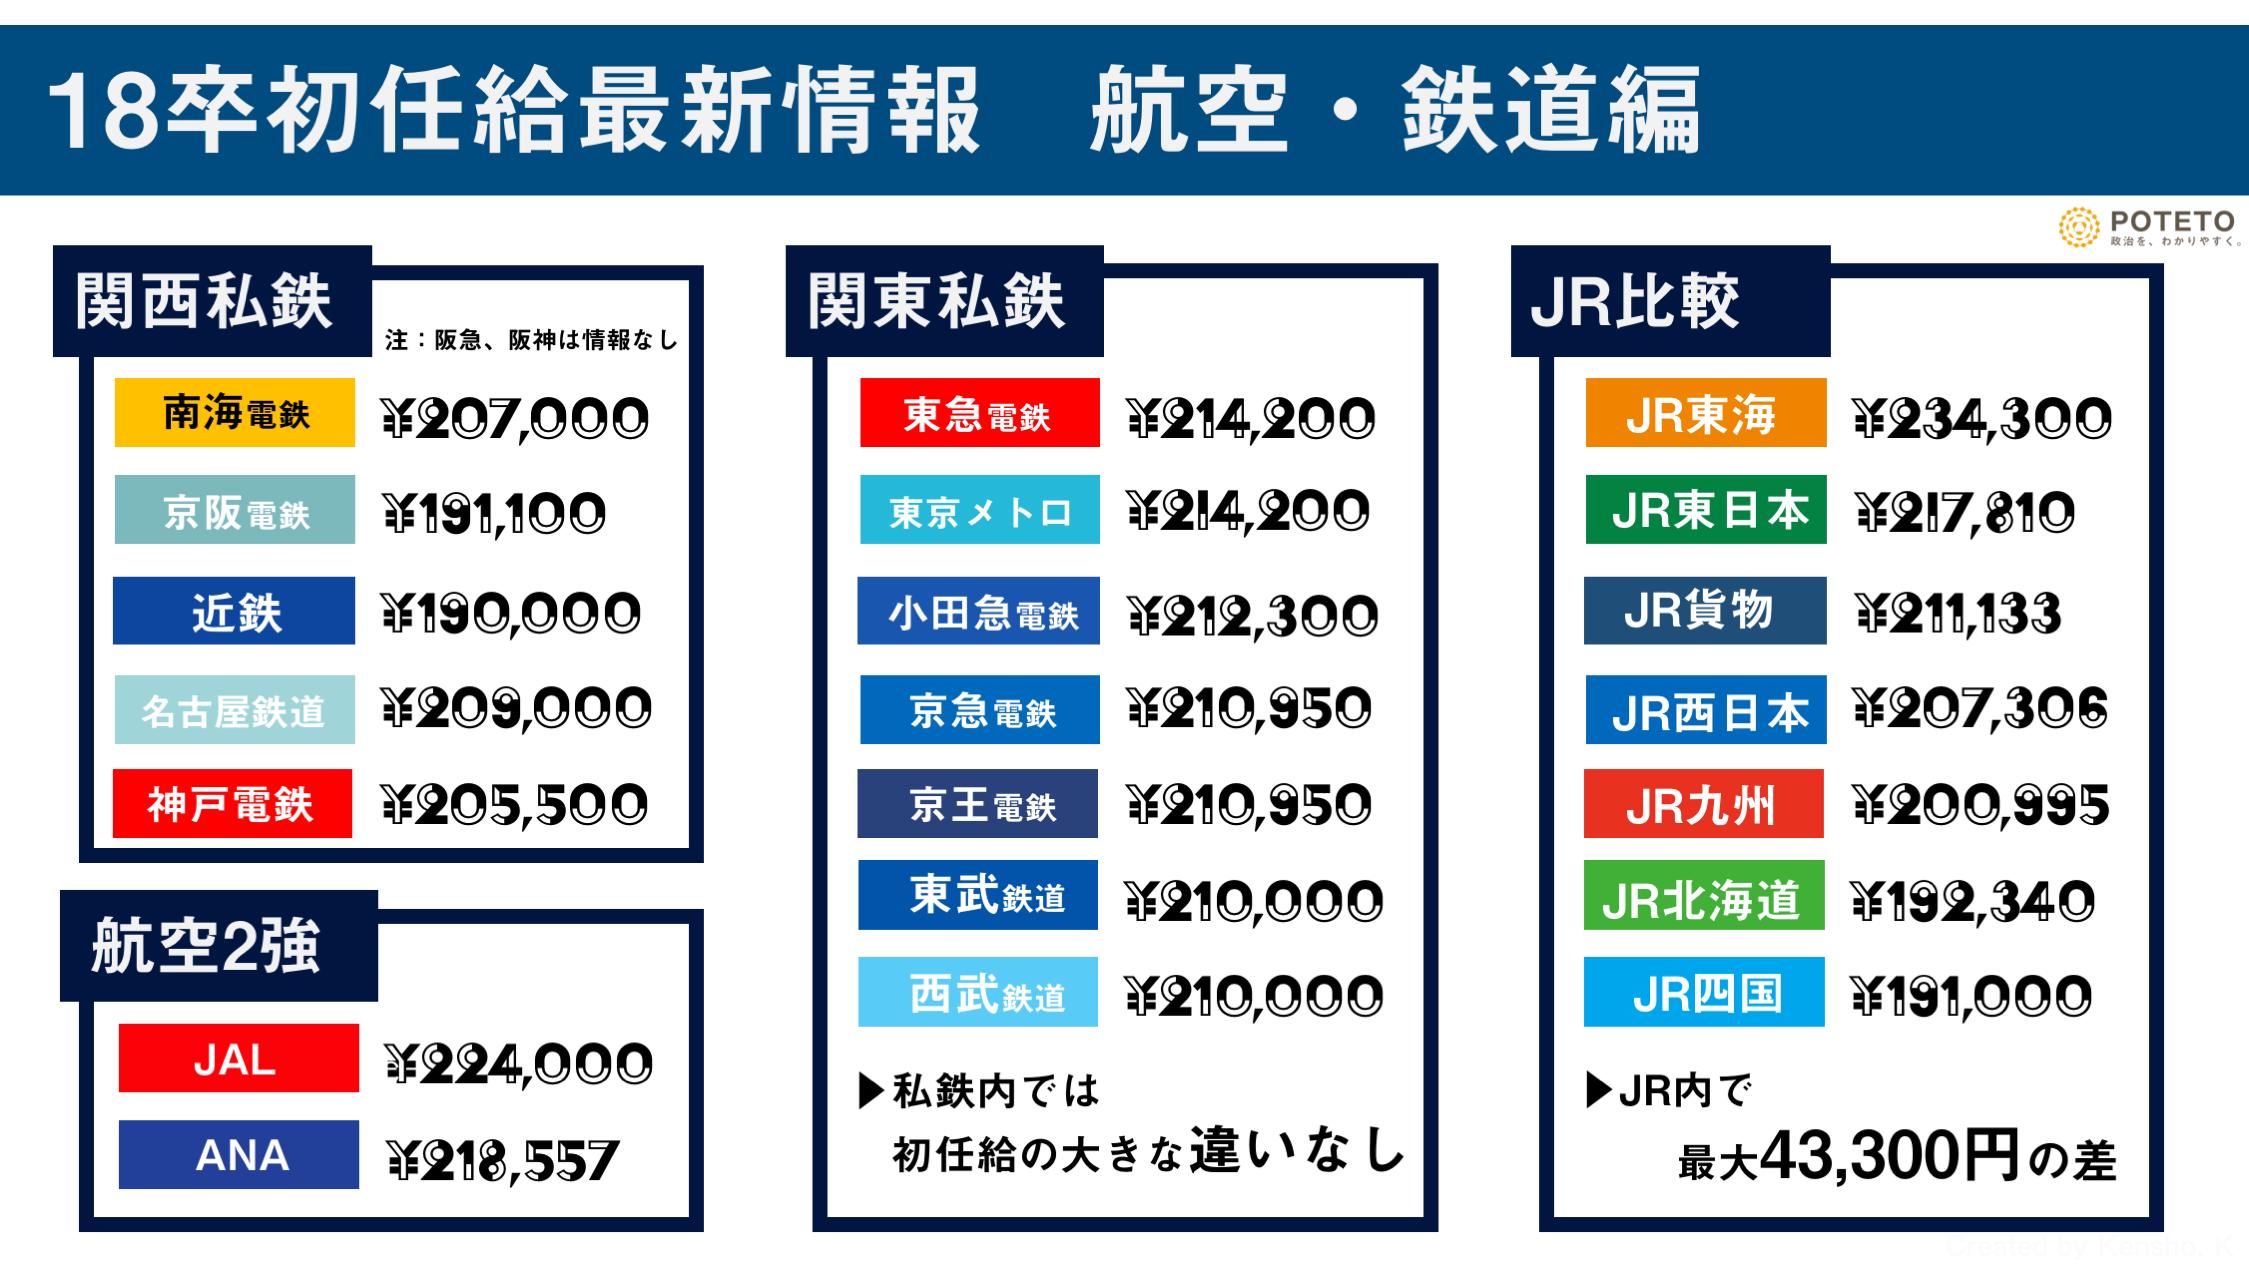 18卒初任給最新情報 航空・鉄道編